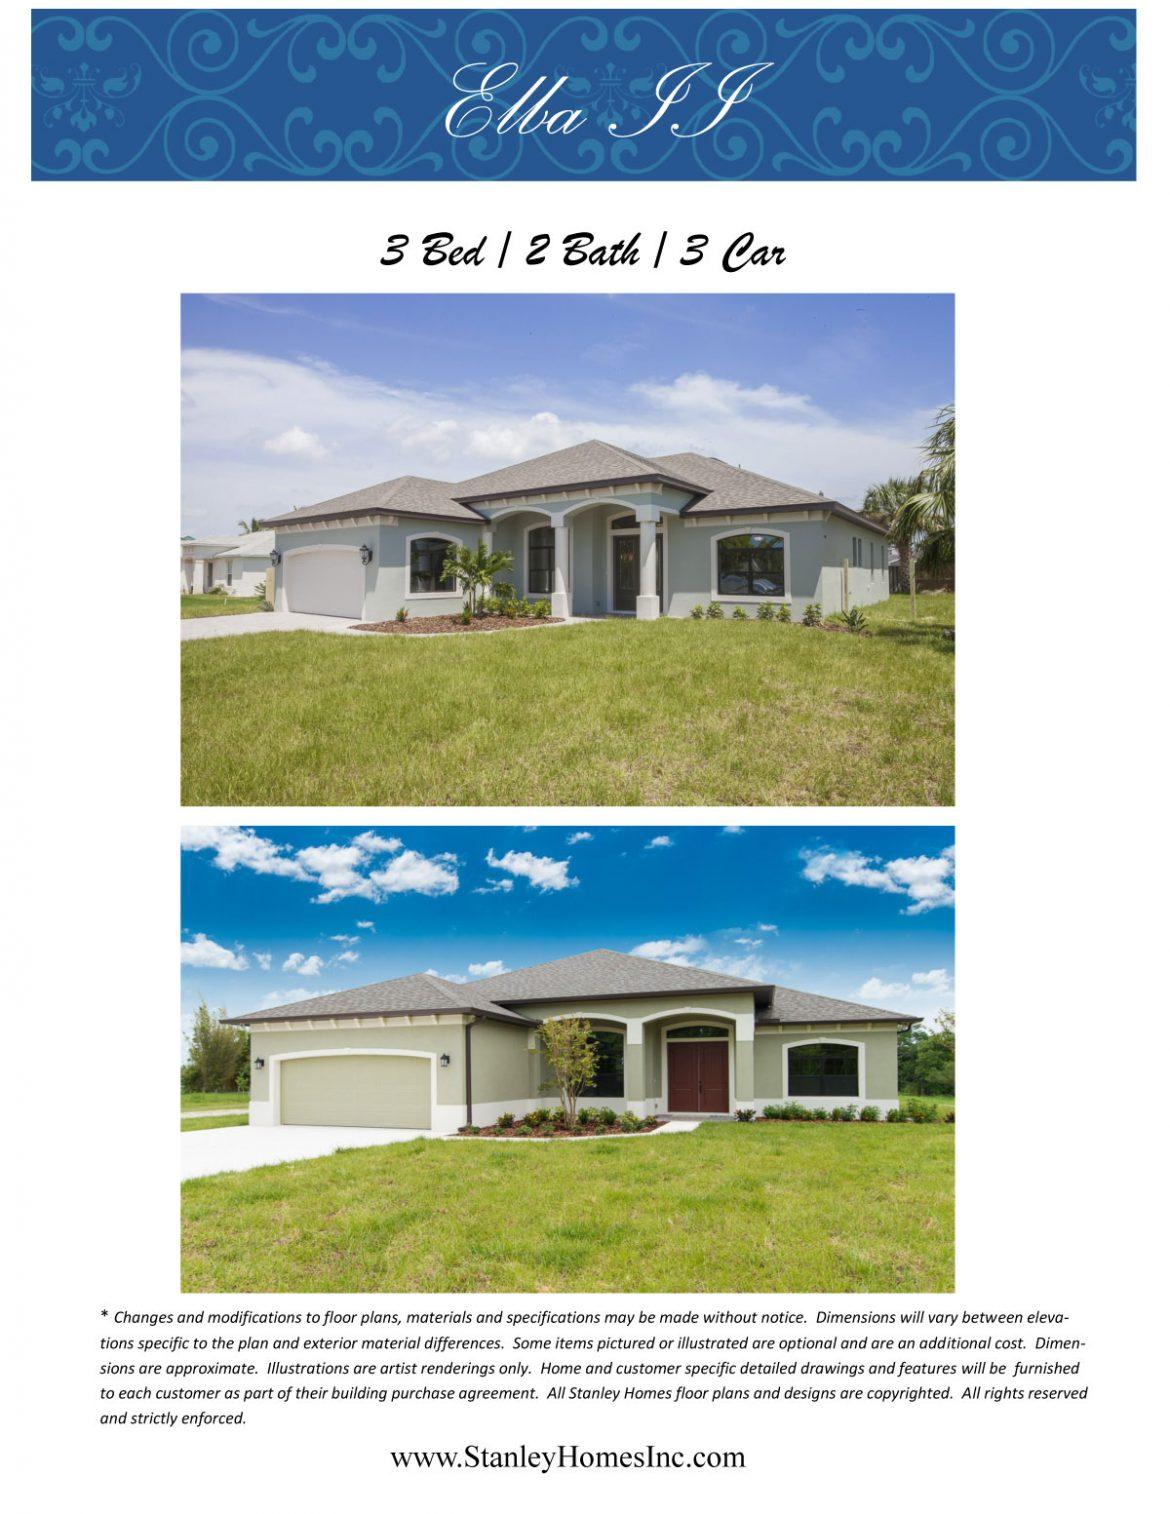 Elba II floor plan brochure Stanley Homes Melbourne FL